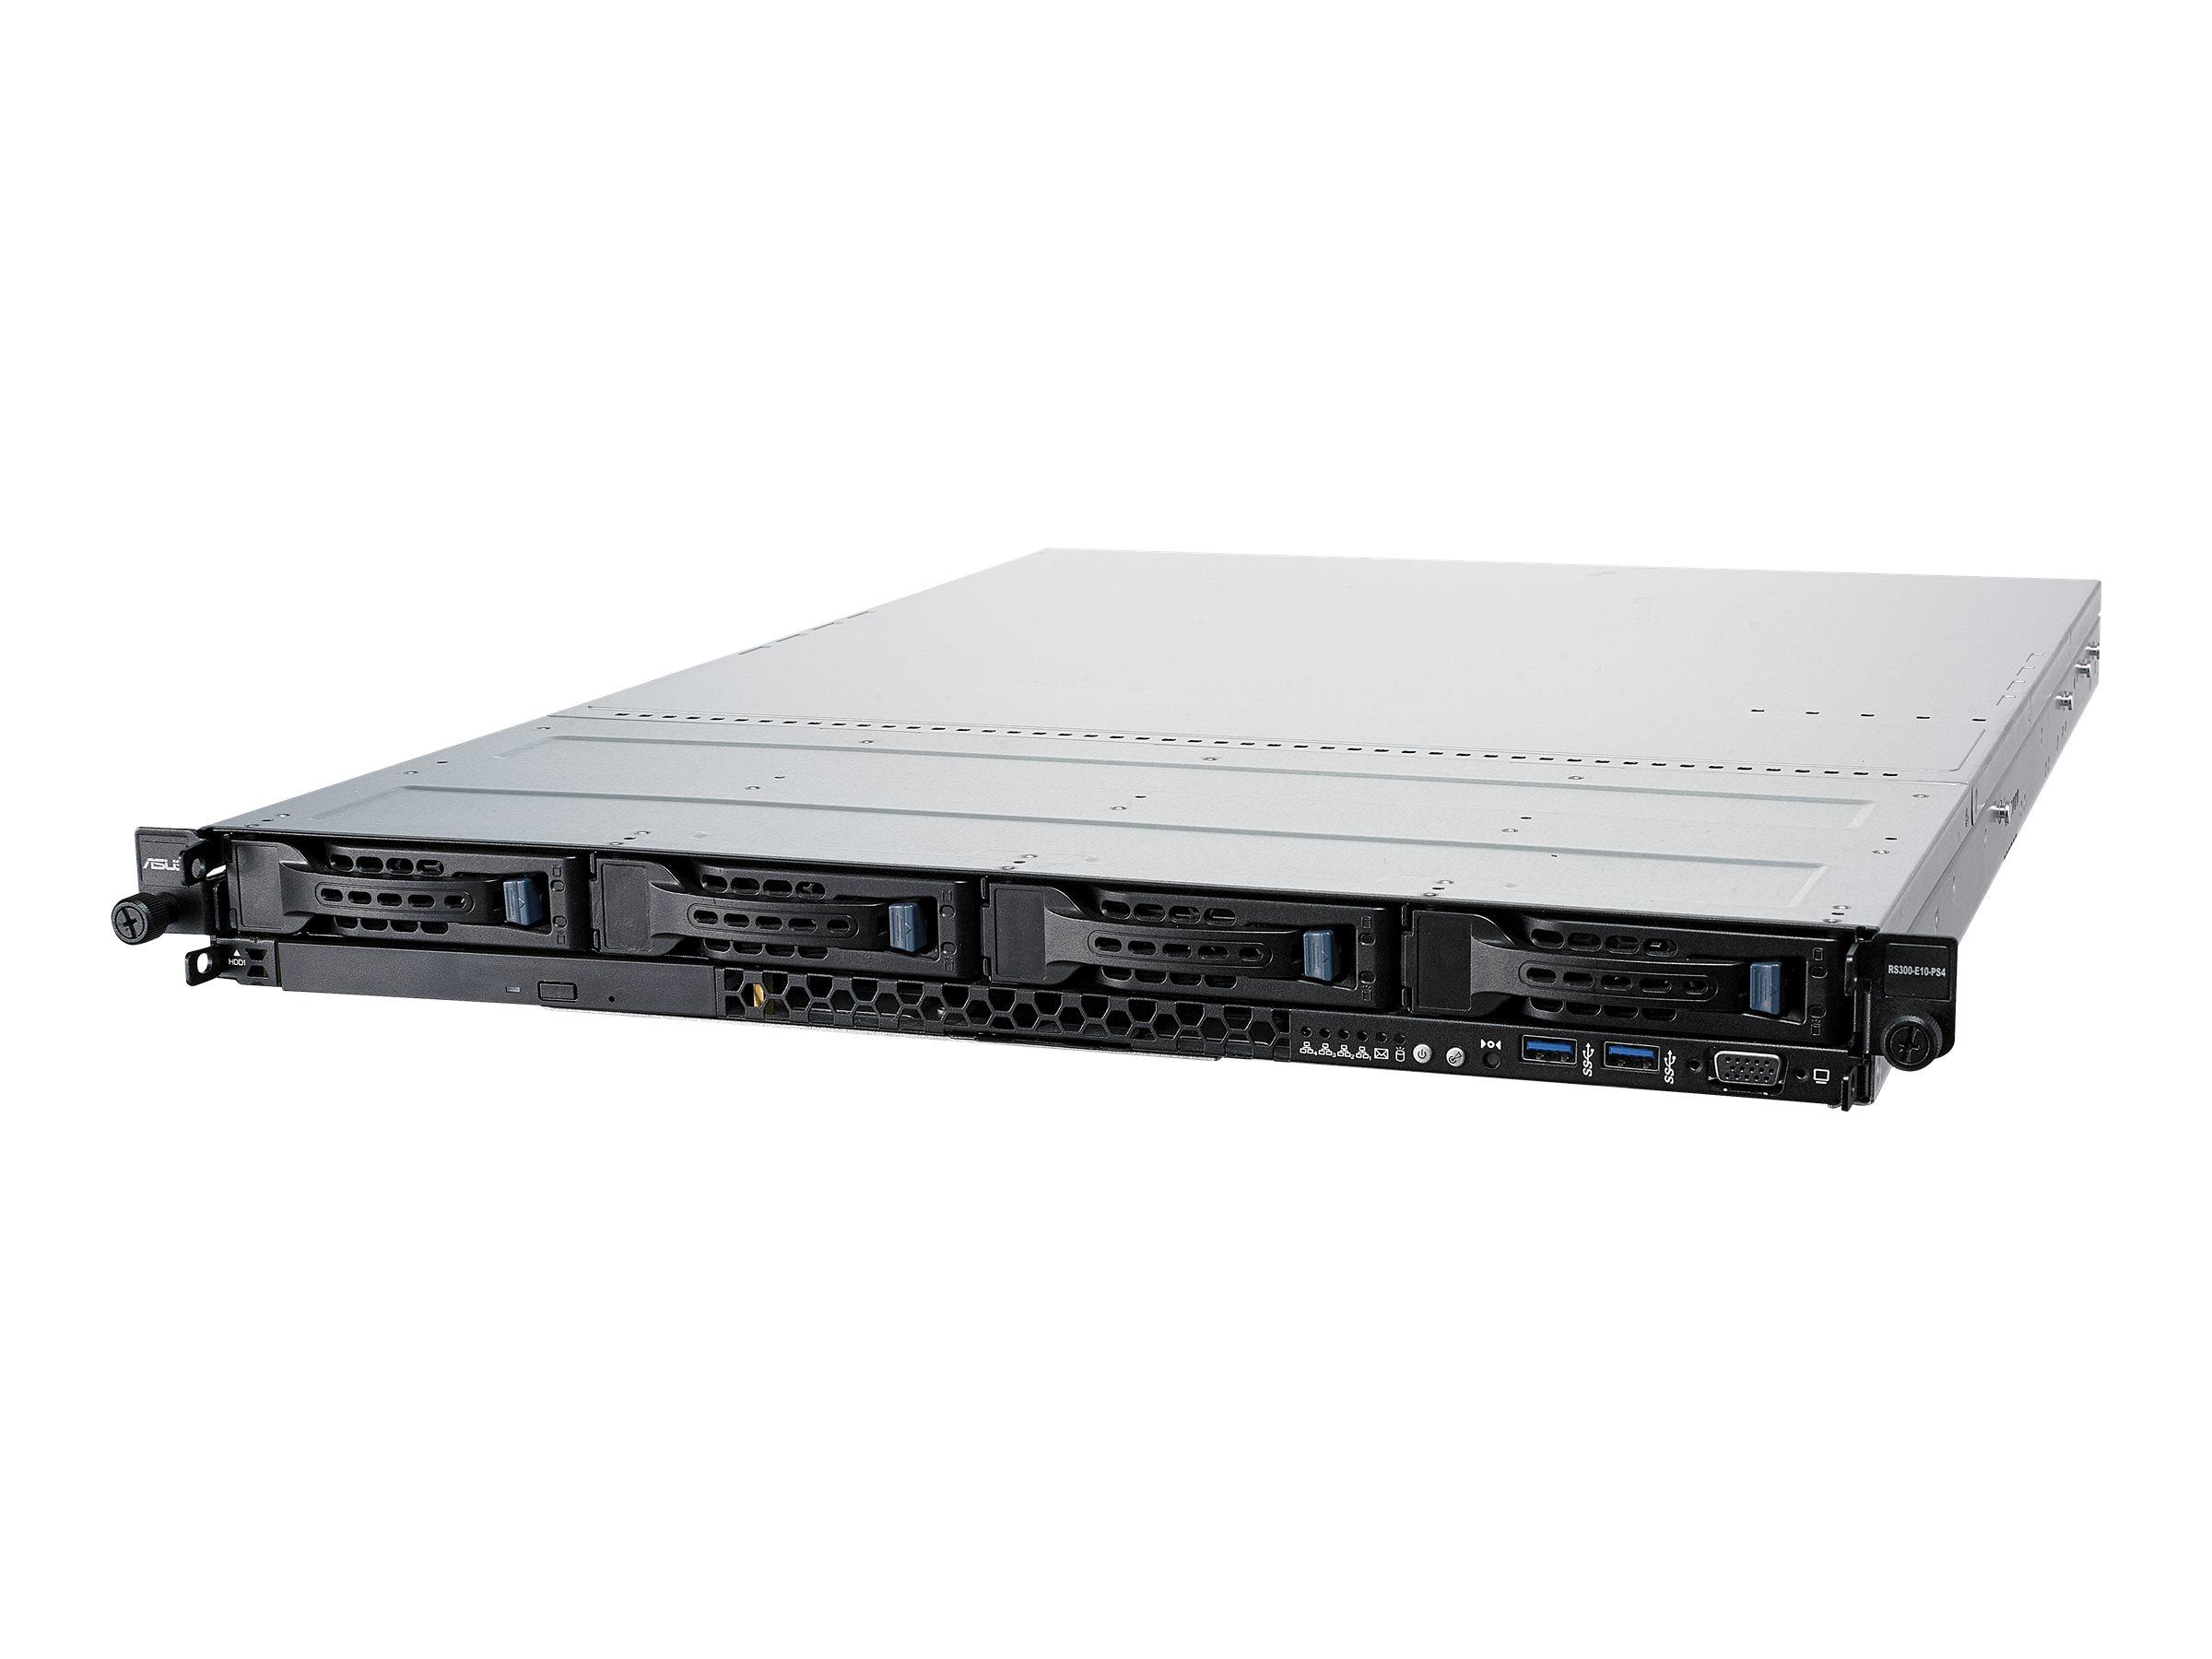 ASUS RS300-E10-PS4 - Server - Rack-Montage - 1U - 1-Weg - keine CPU